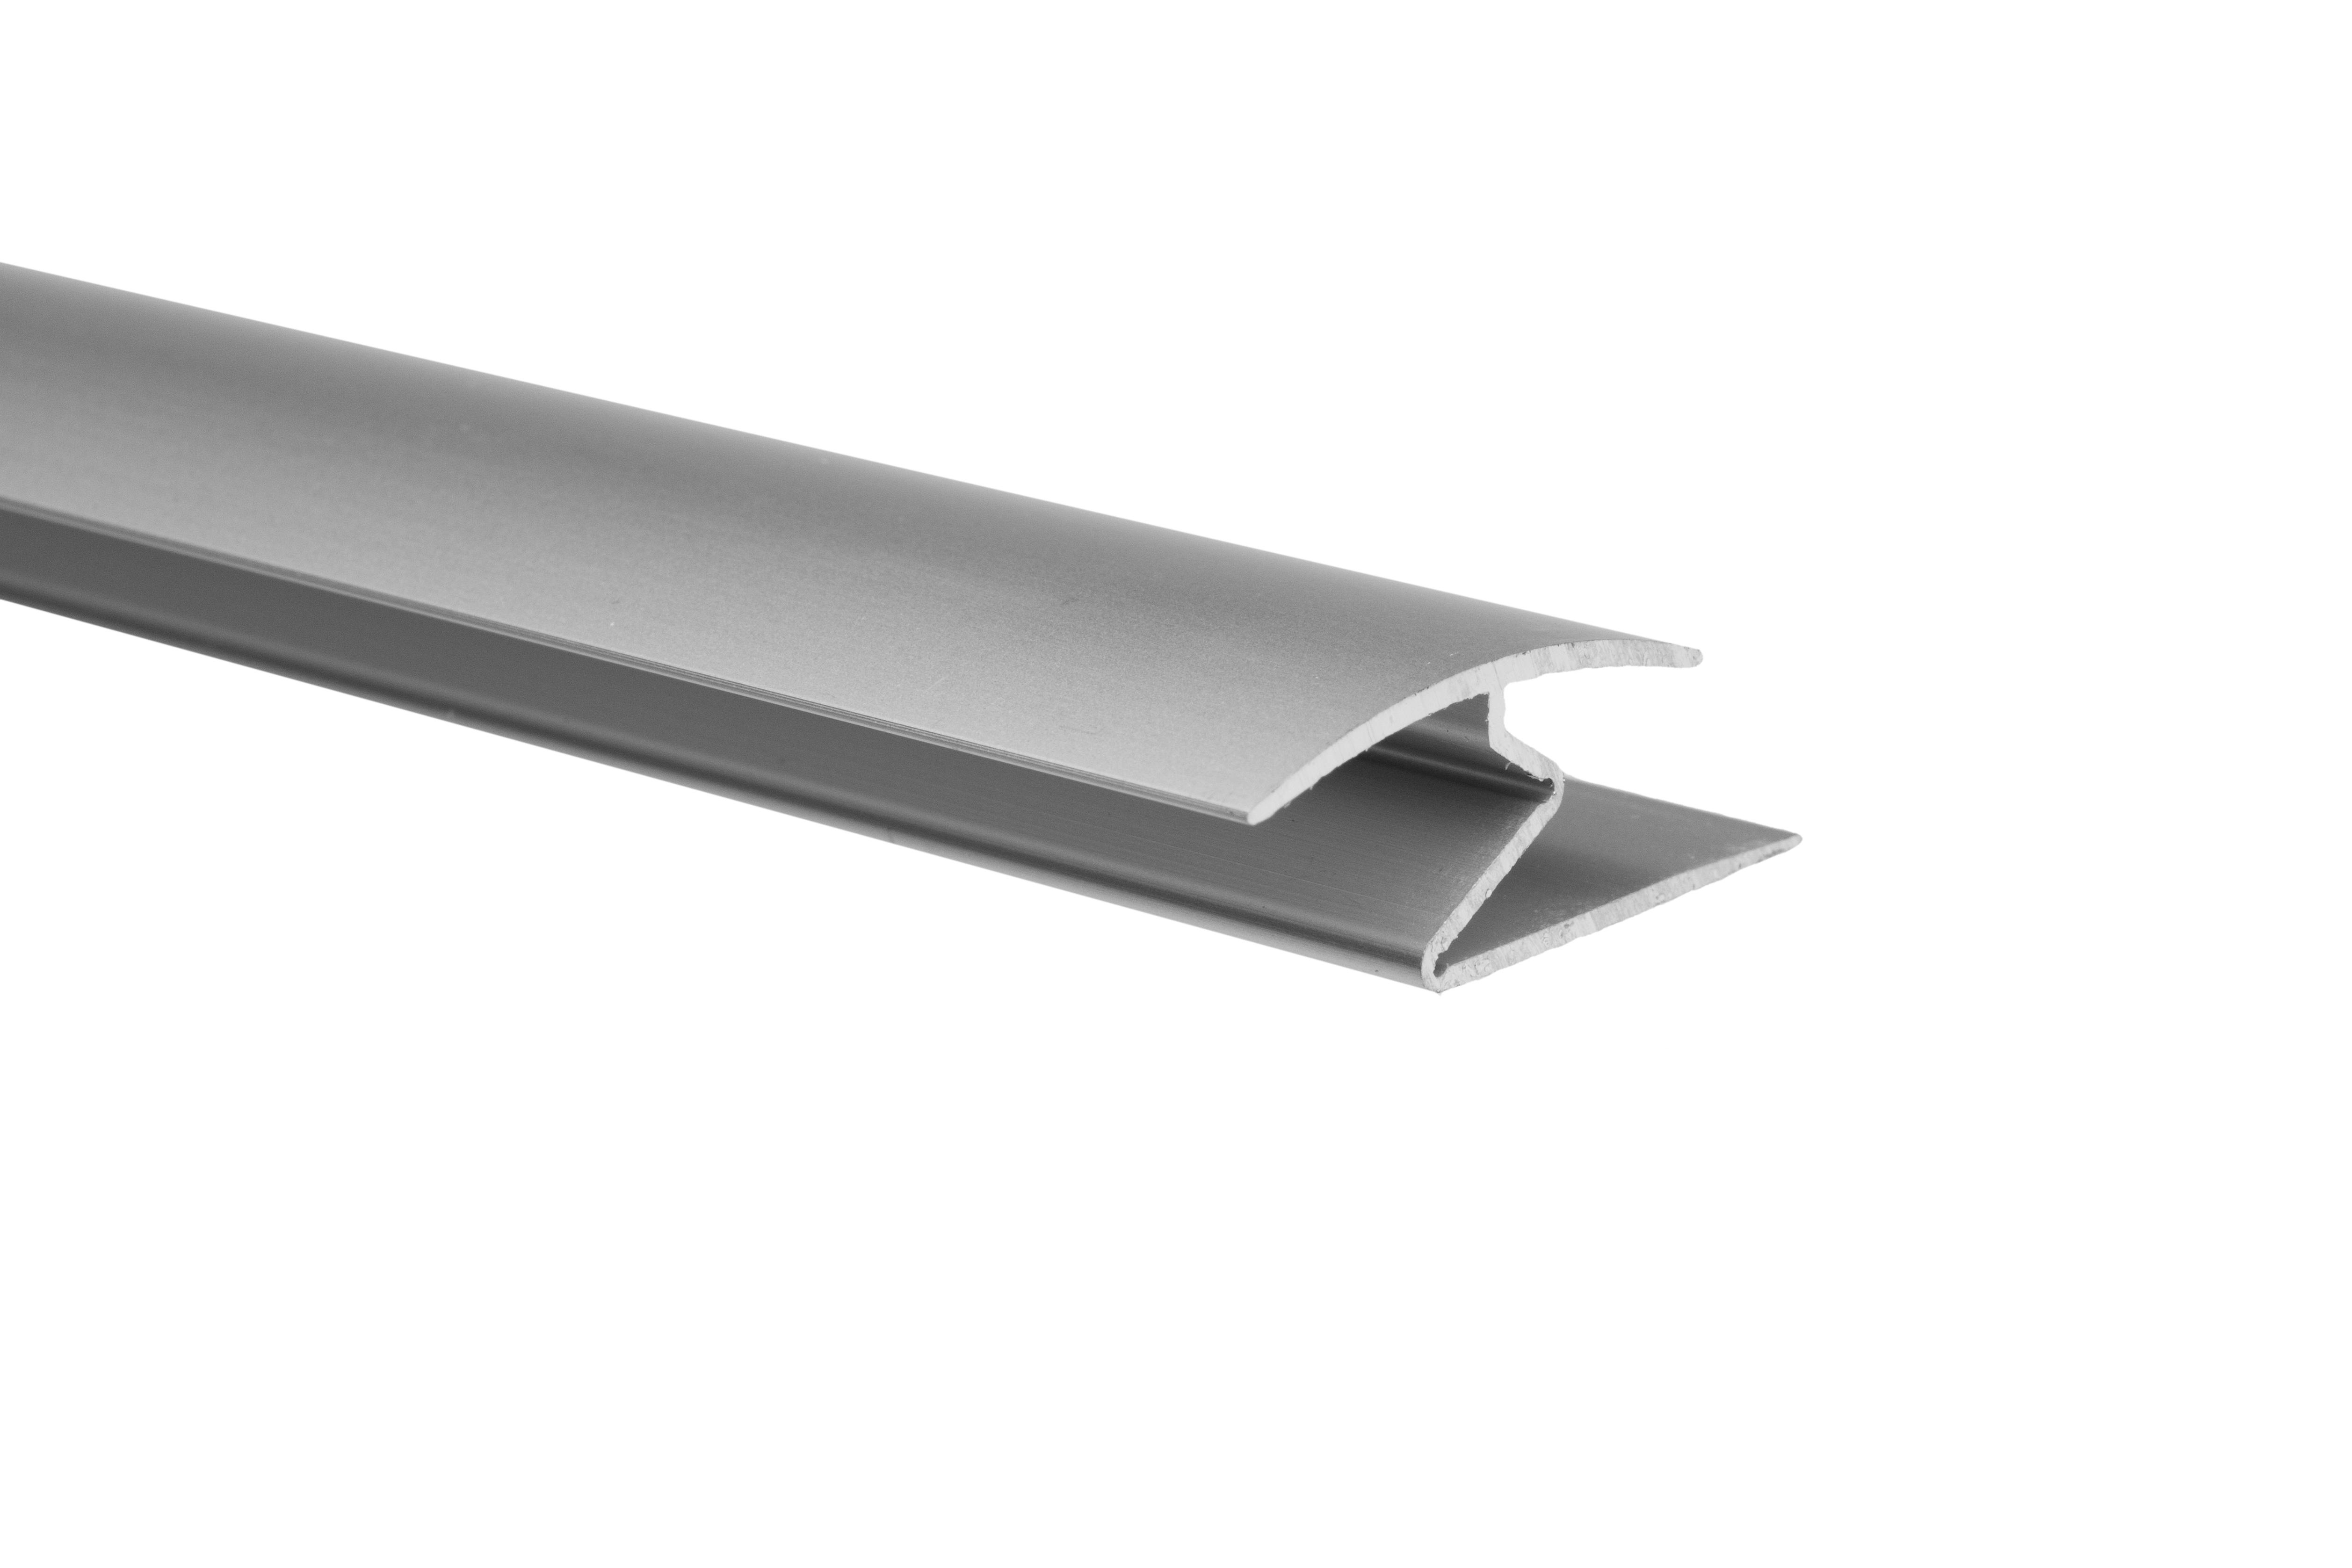 Profil de trecere cu surub mascat cu diferenta de nivel A69 Effector argint, 2,7 m imagine MatHaus.ro